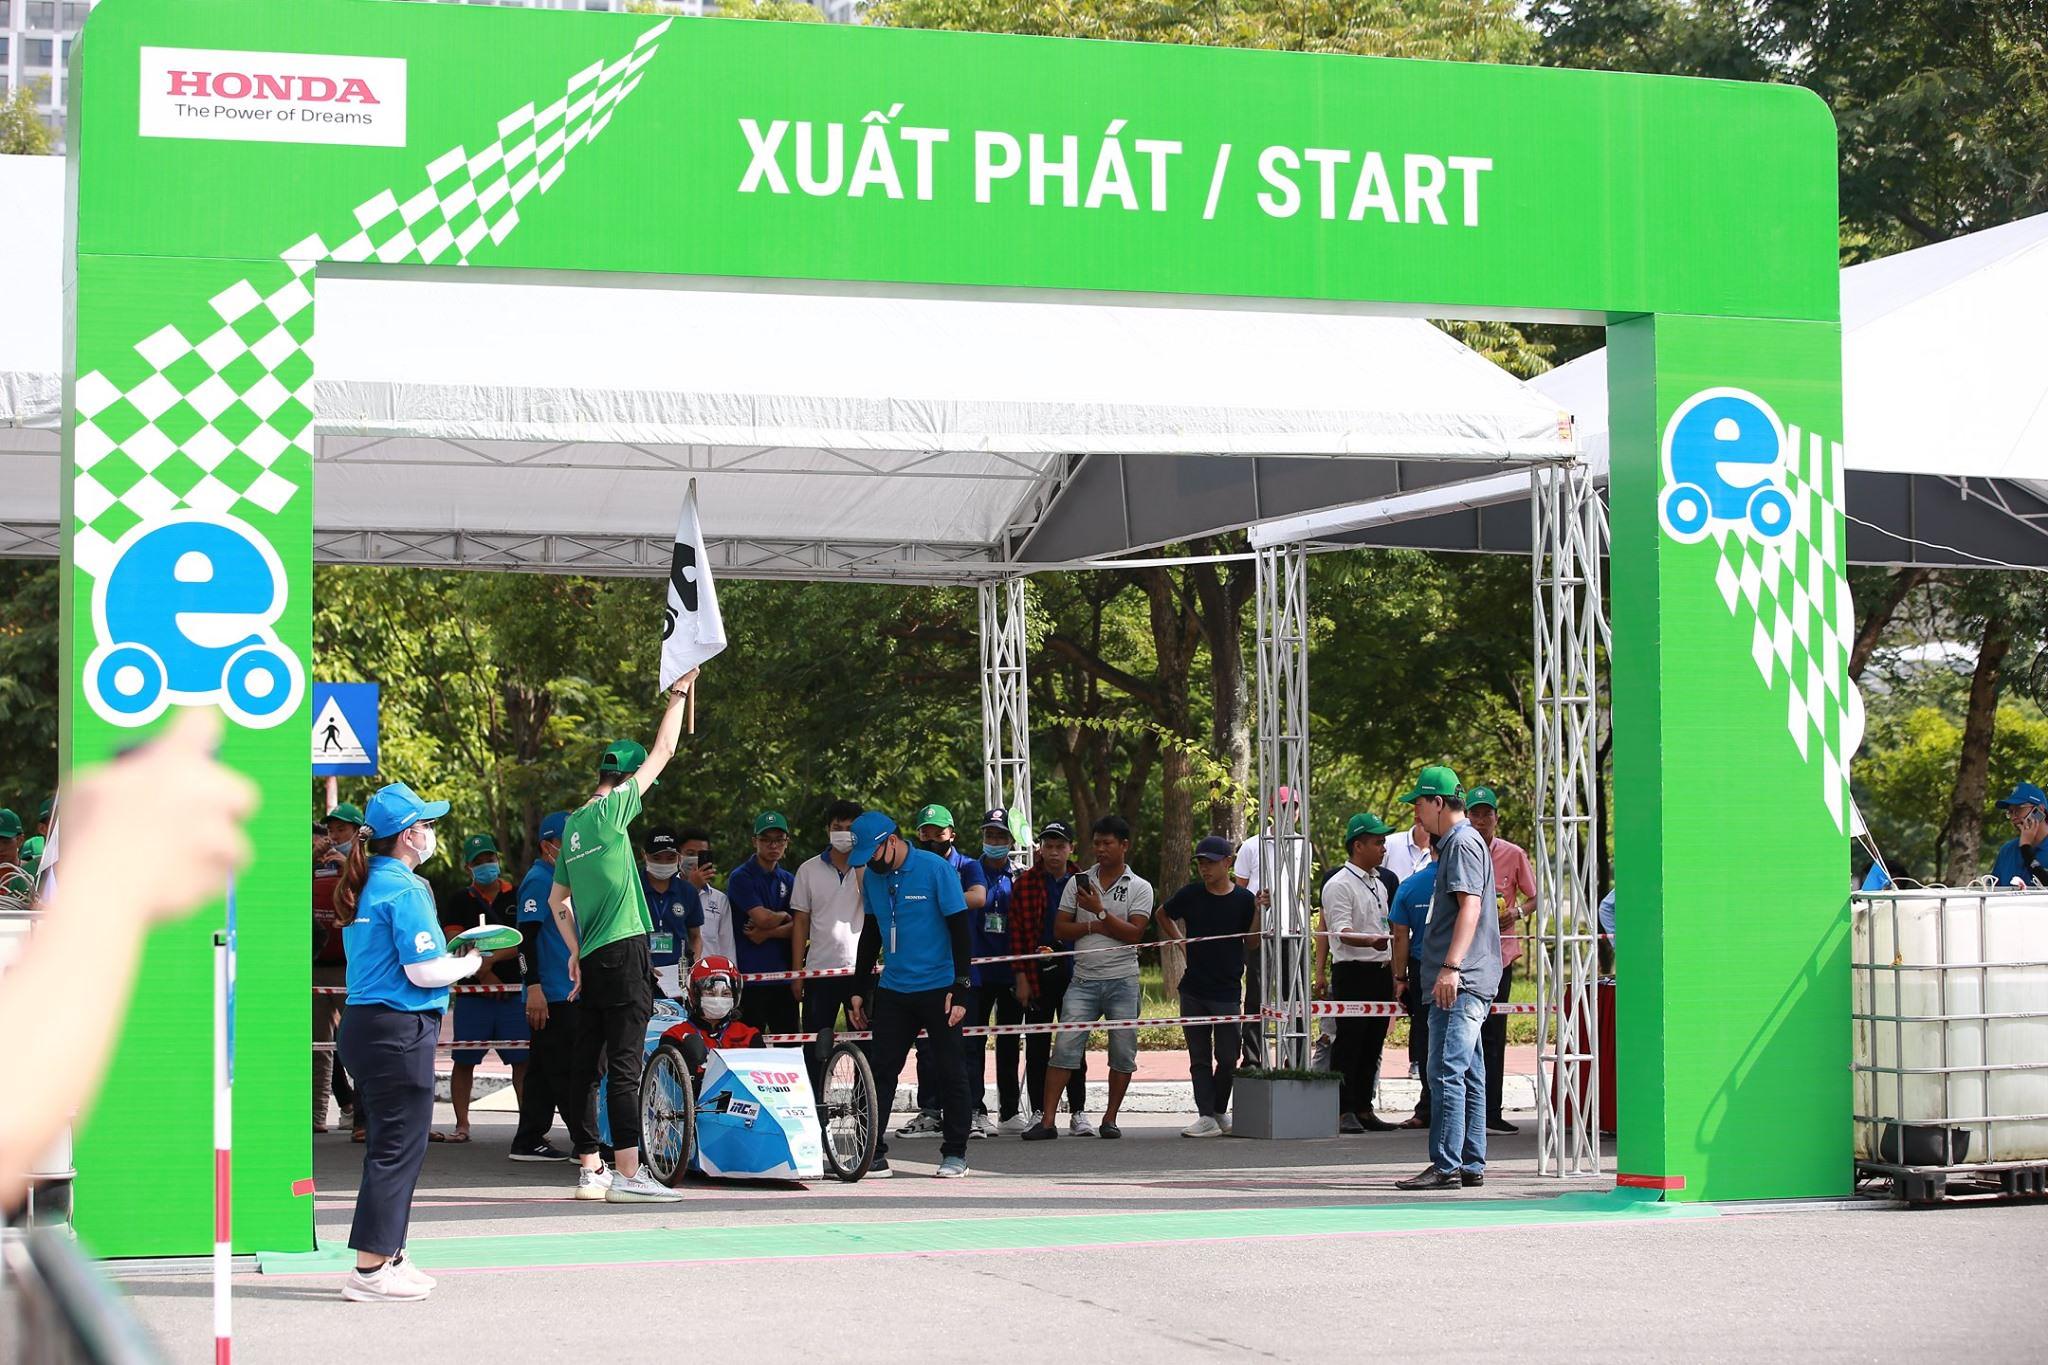 Chiếc xe tự chế đạt đủ các thông số kỹ thuật theo yêu cầu của Ban tổ chức trước khi được vào làn đua